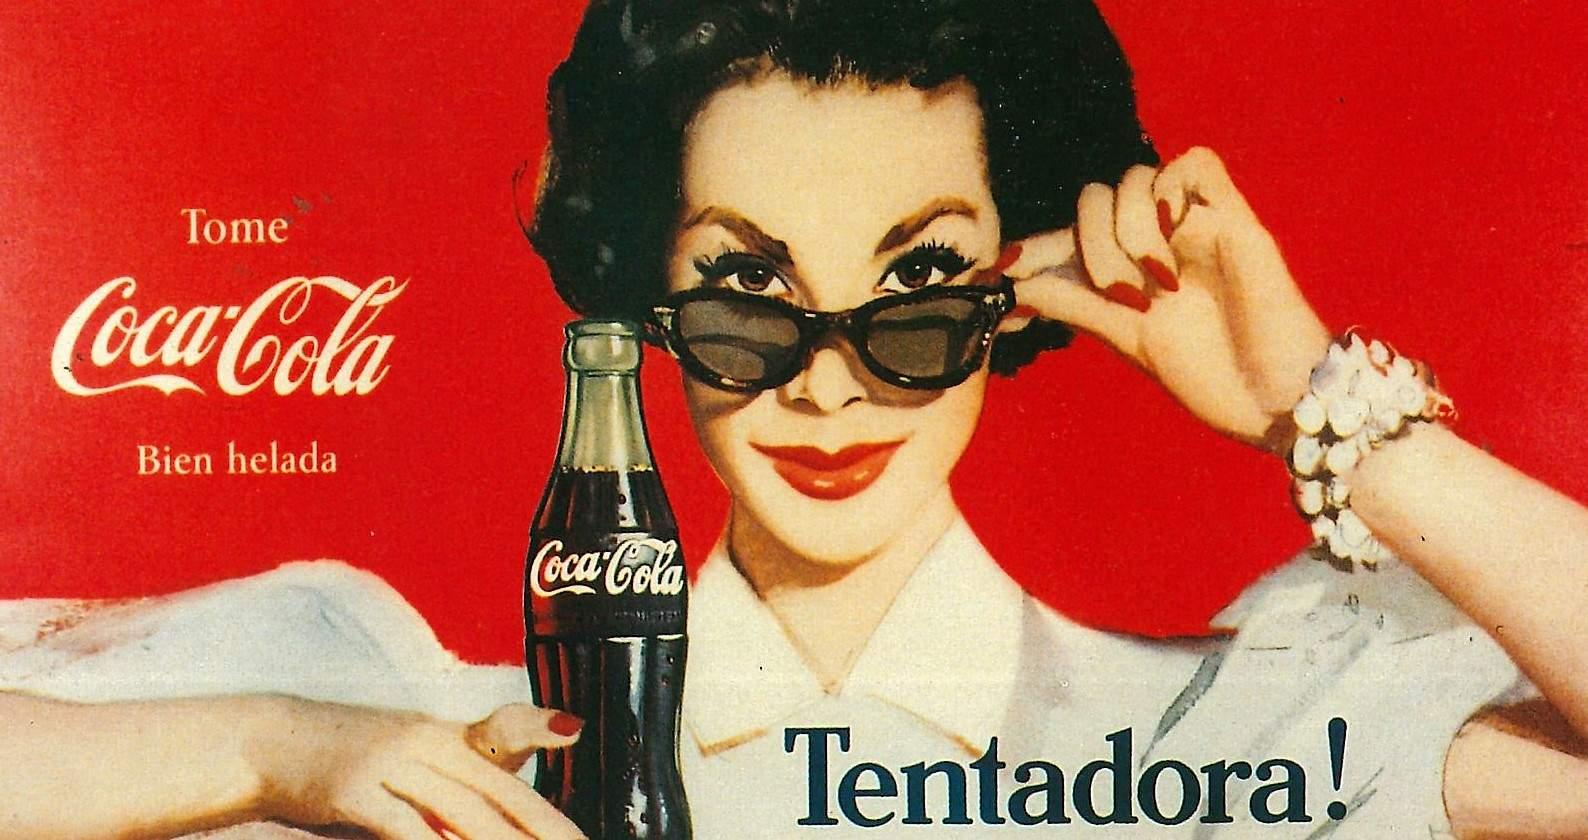 La publicidad en la Segunda Guerra Mundial